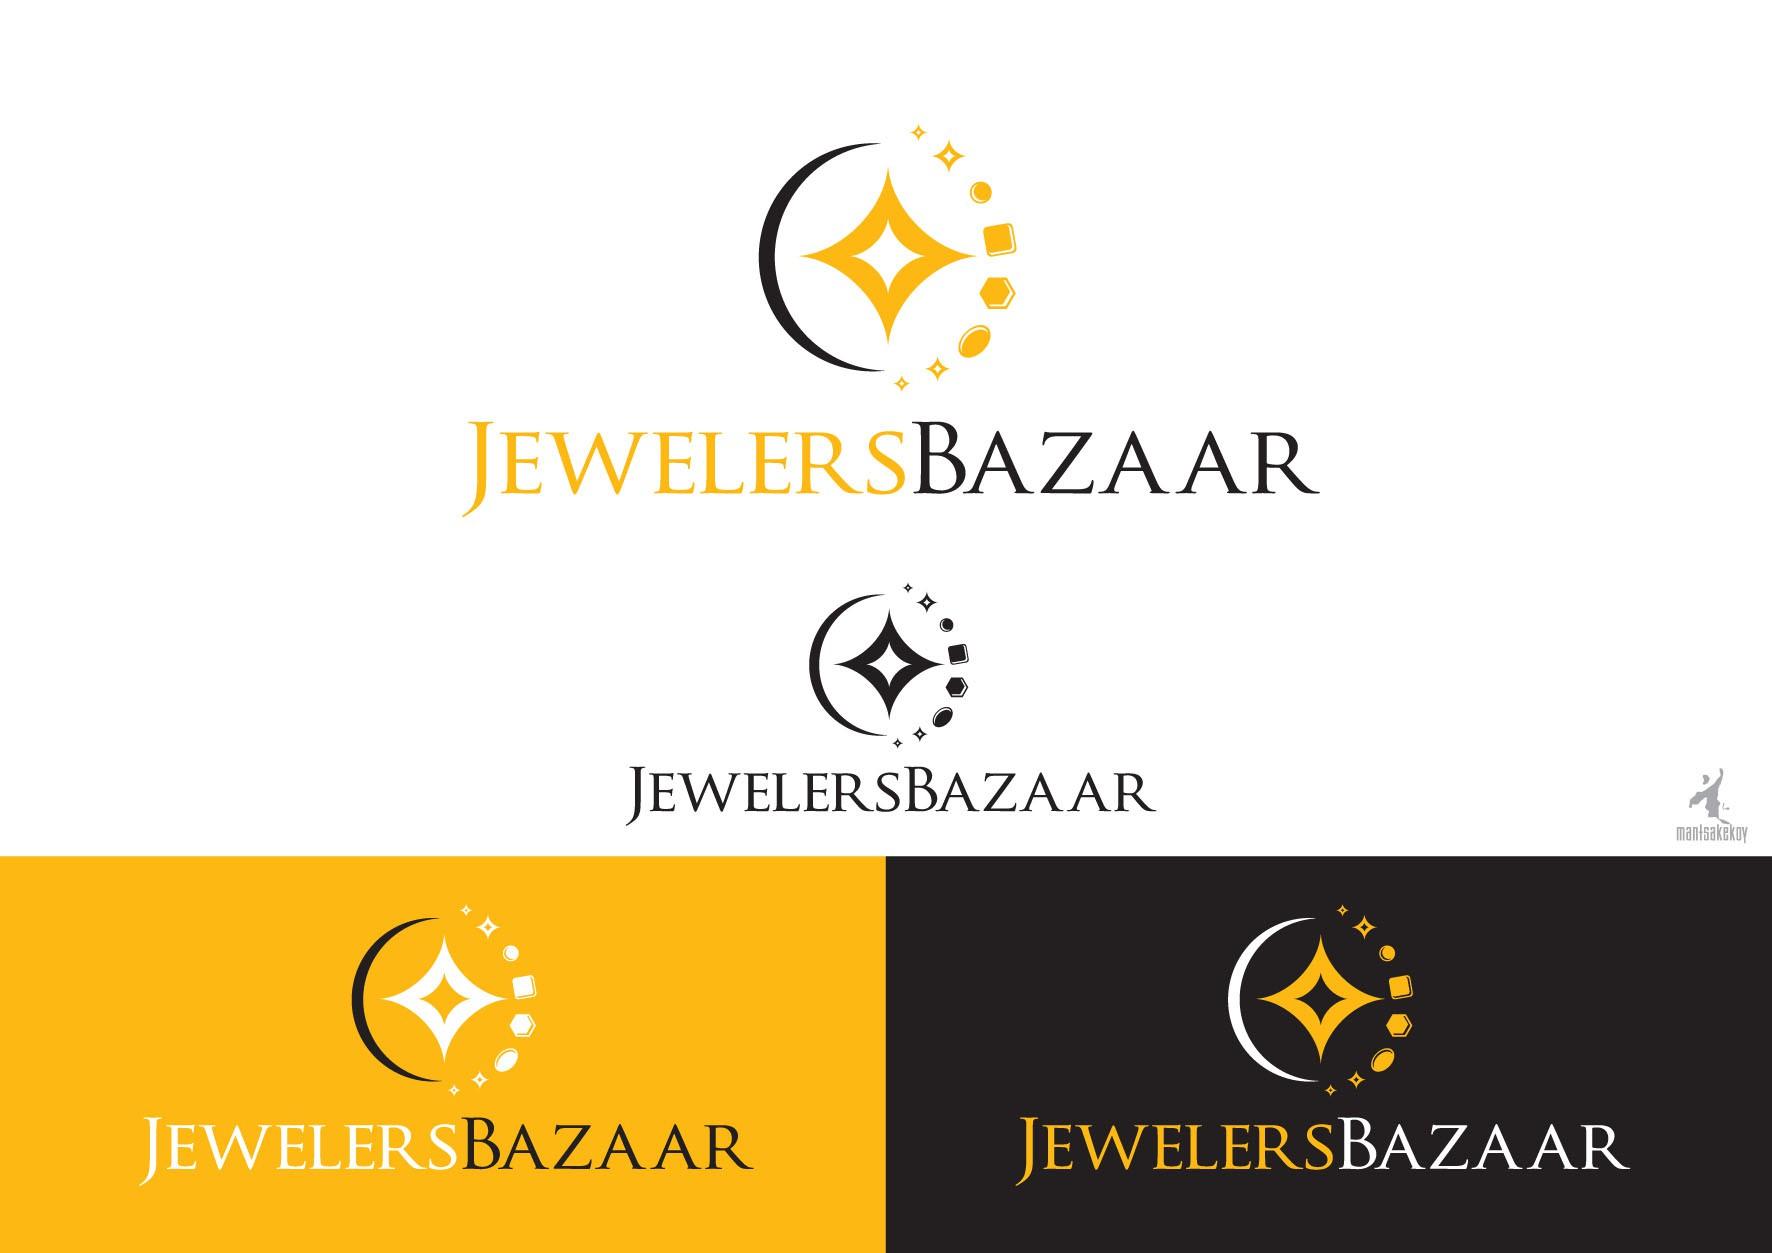 logo for JewelersBazaar, JewelersBazaar.com